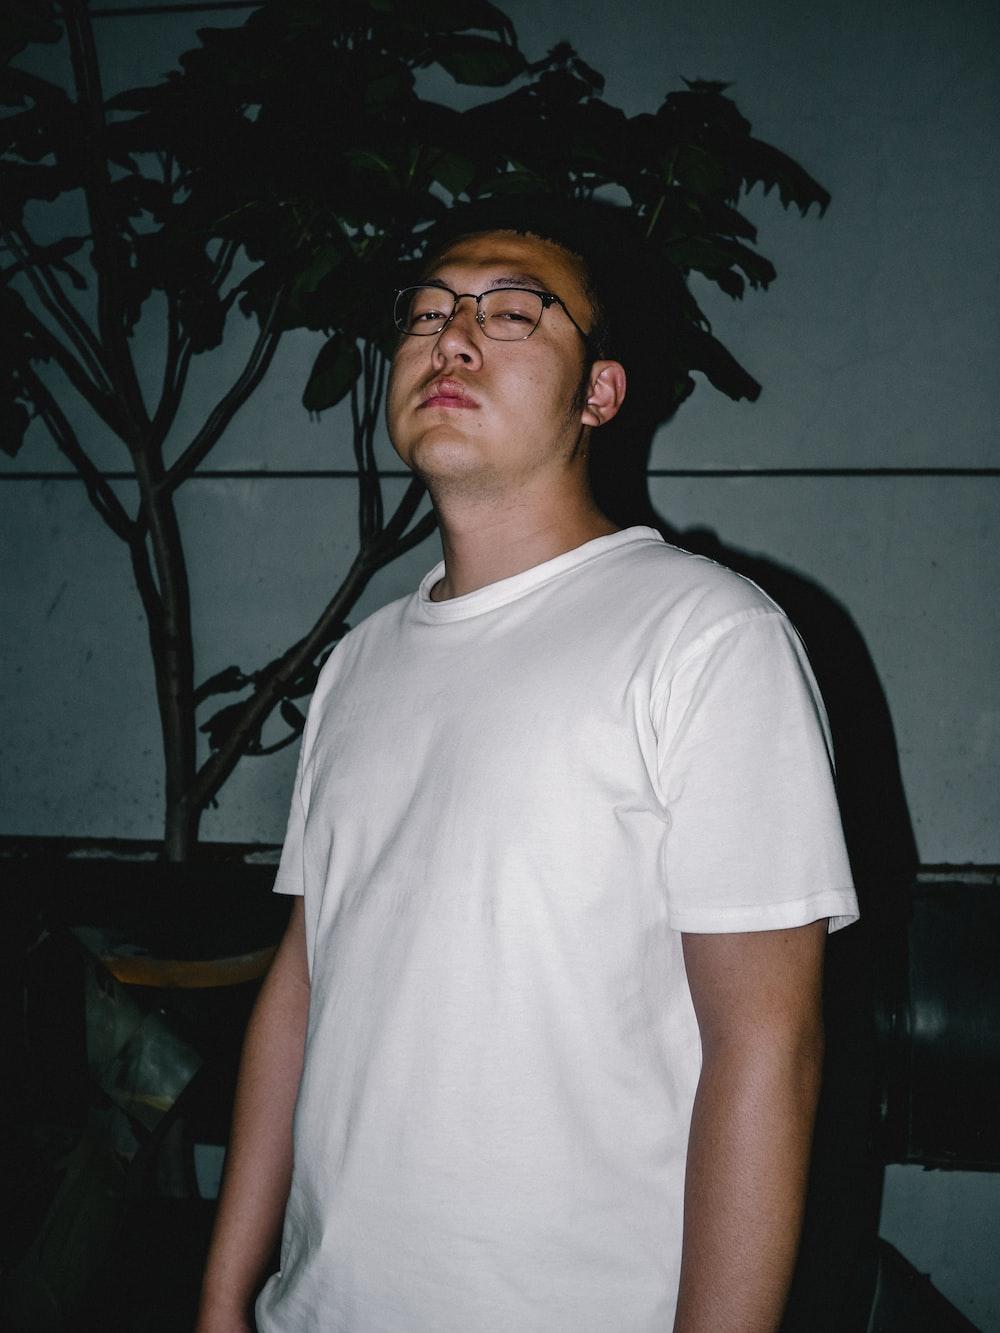 man wearing white t-shirt